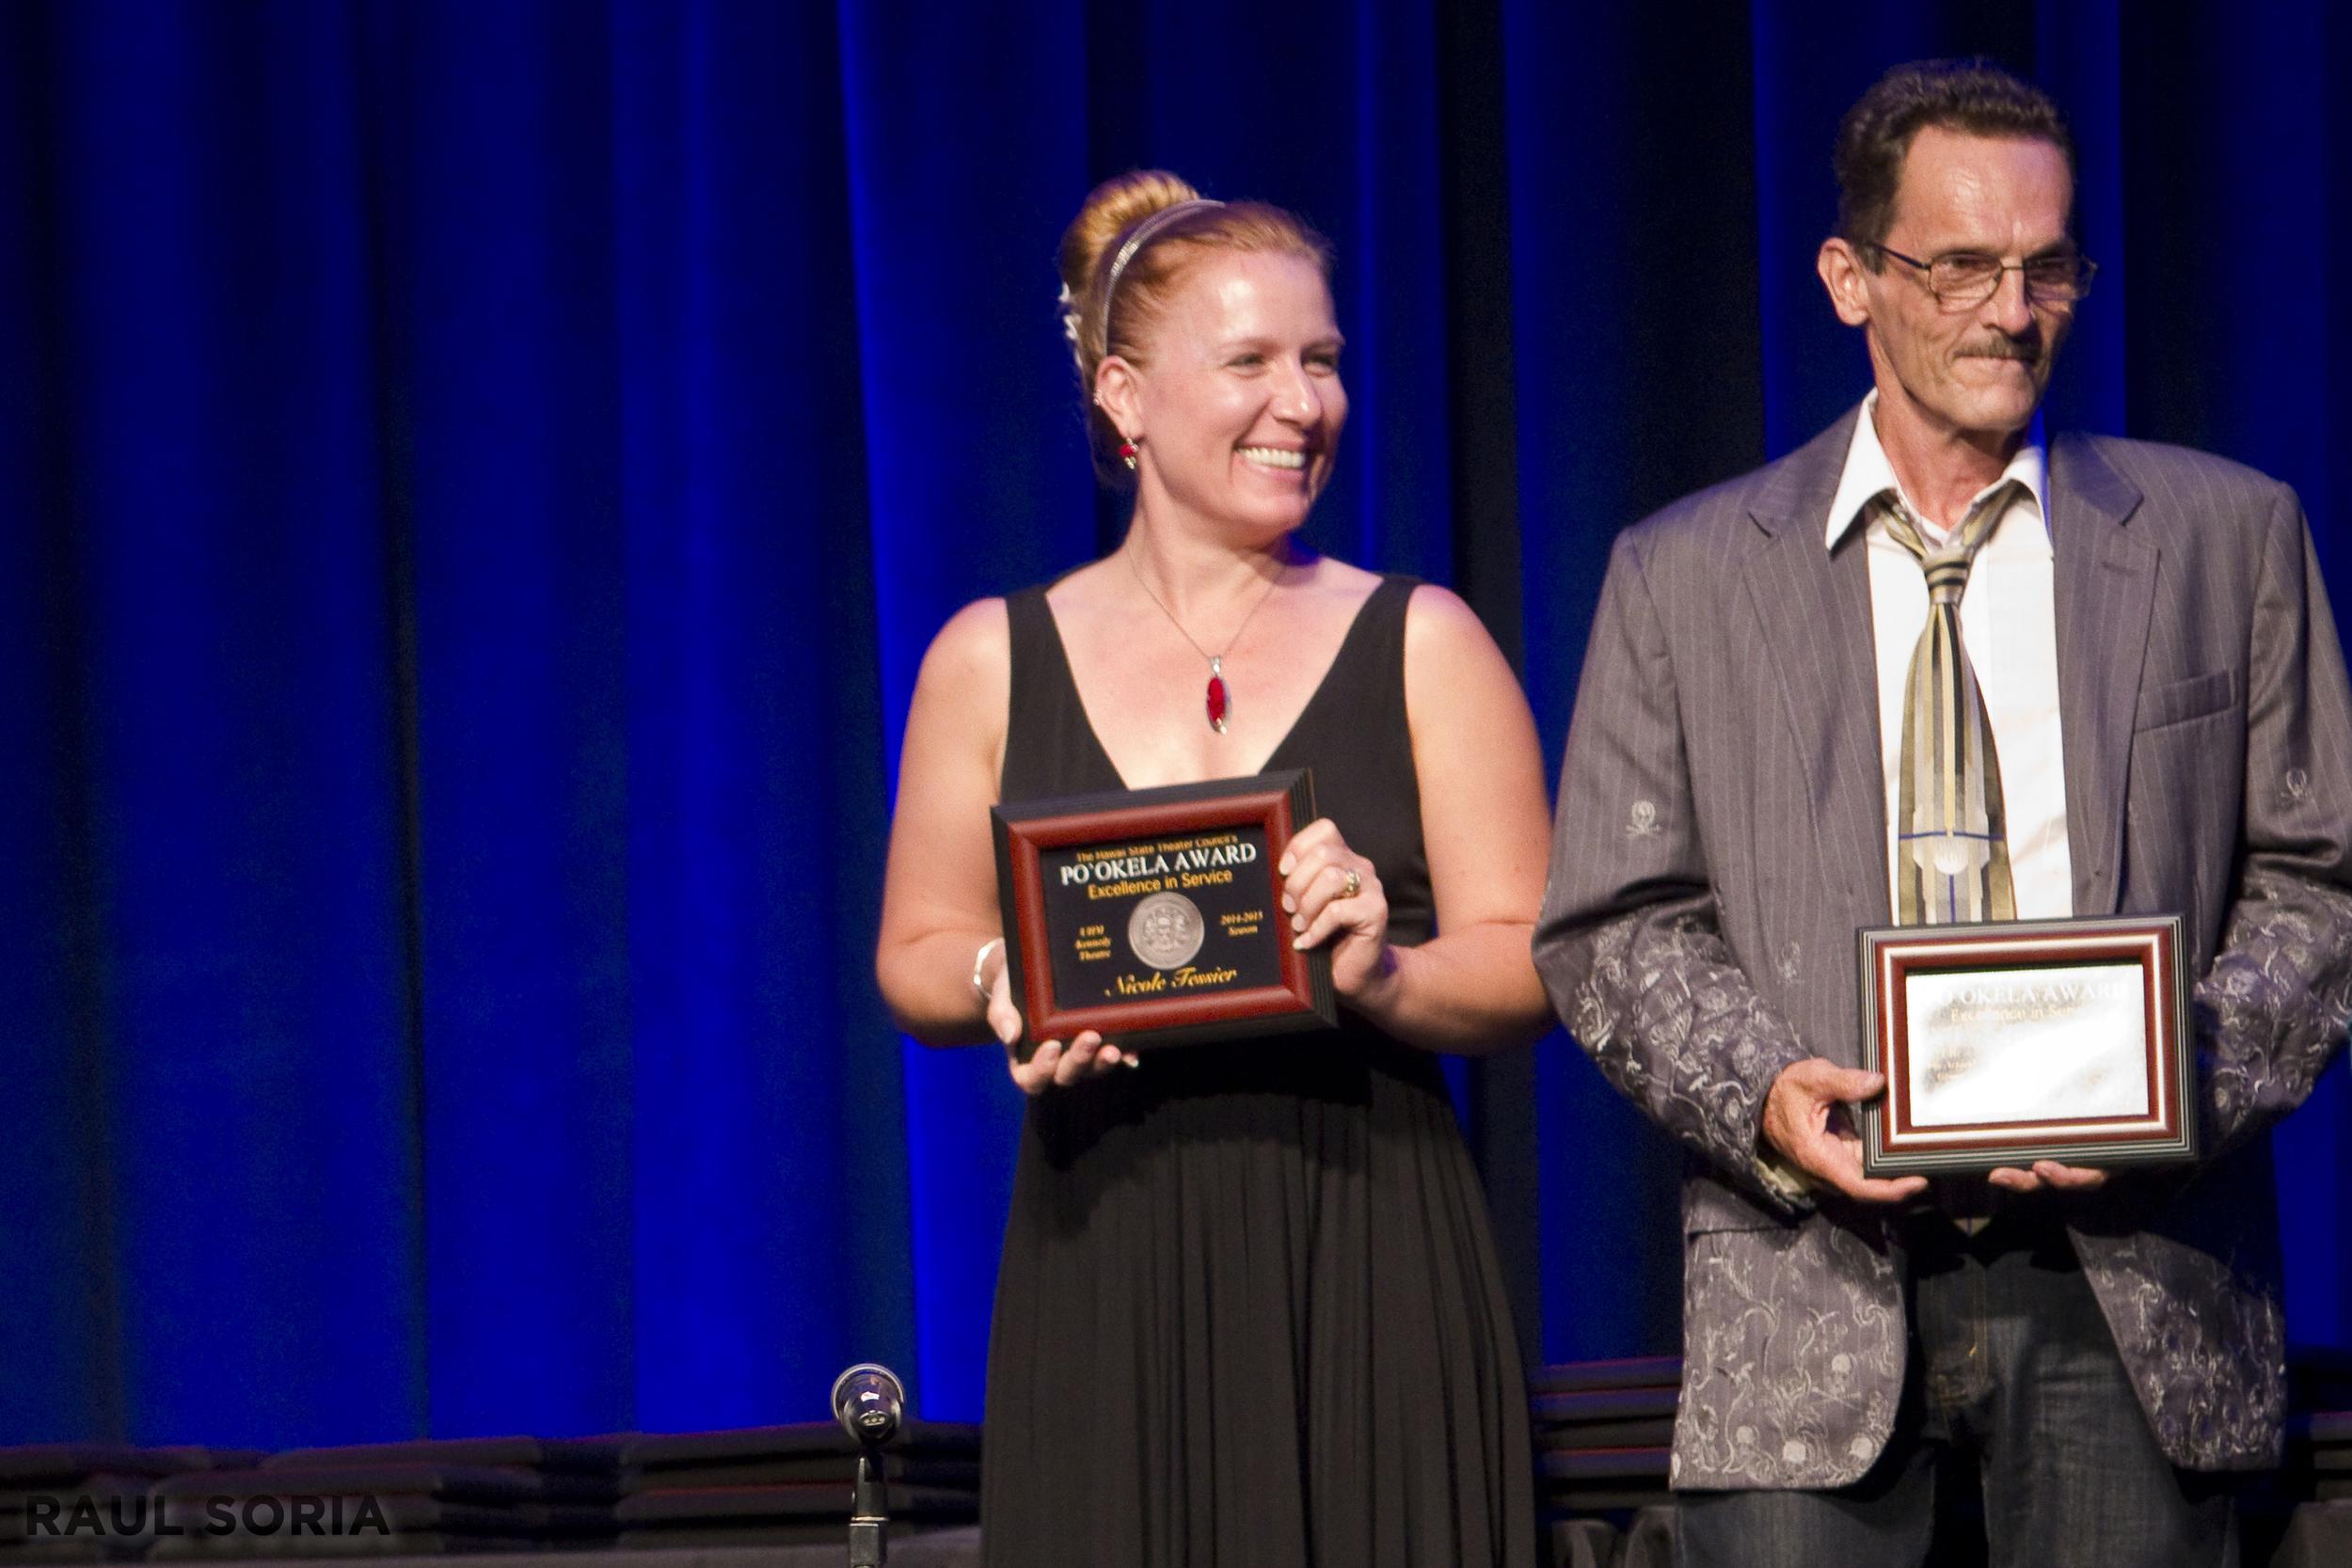 Pookela Awards_081015_39_RS.jpg